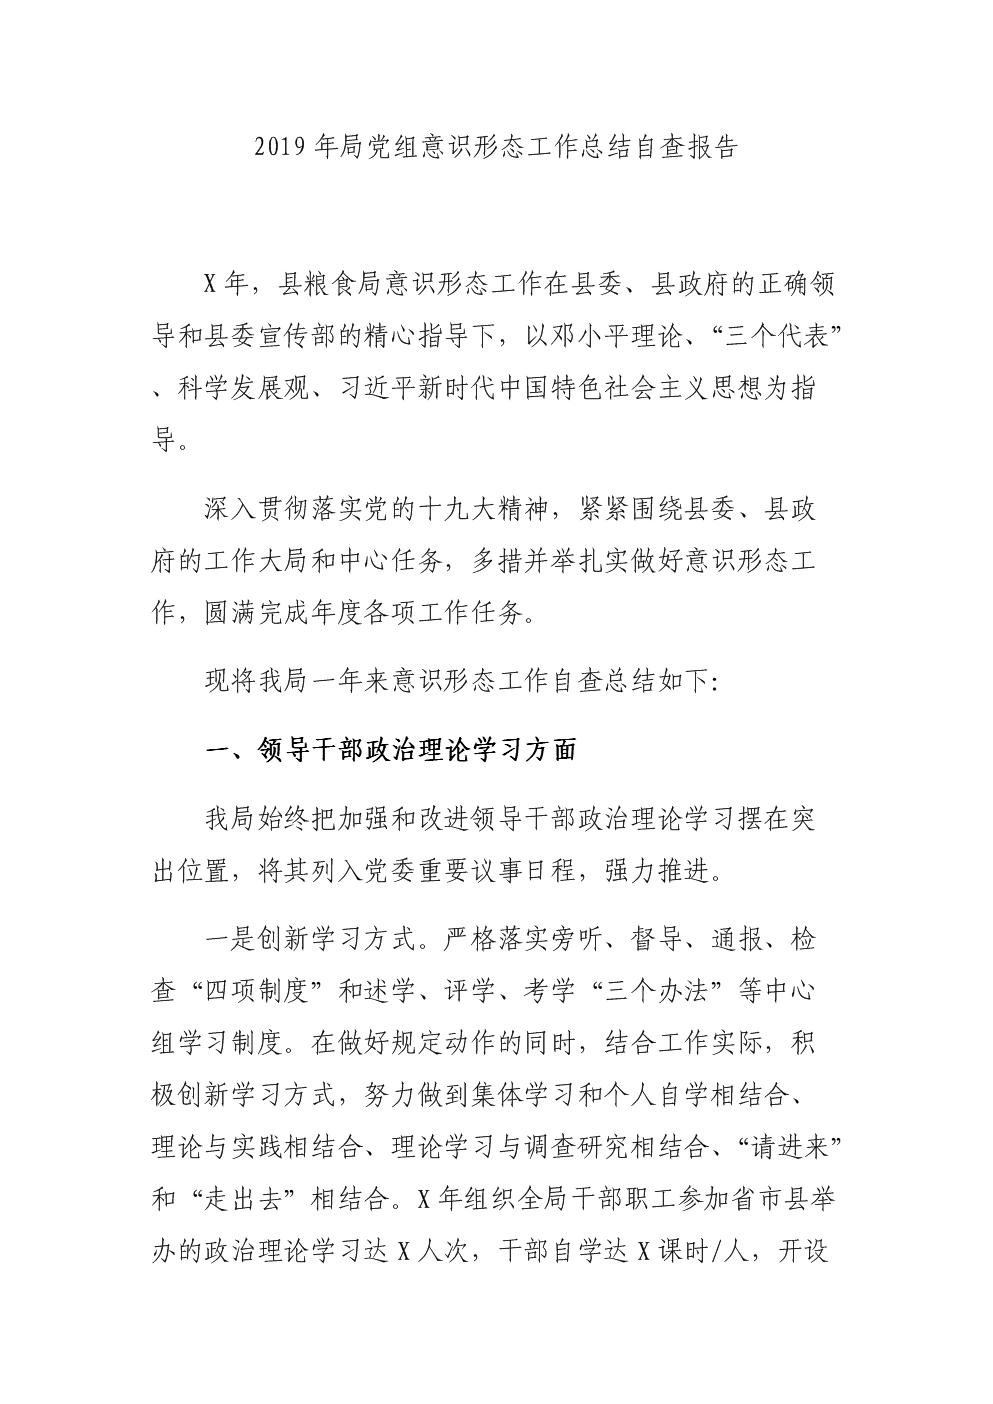 2019年局党组意识 形态工作总结自查报告.docx